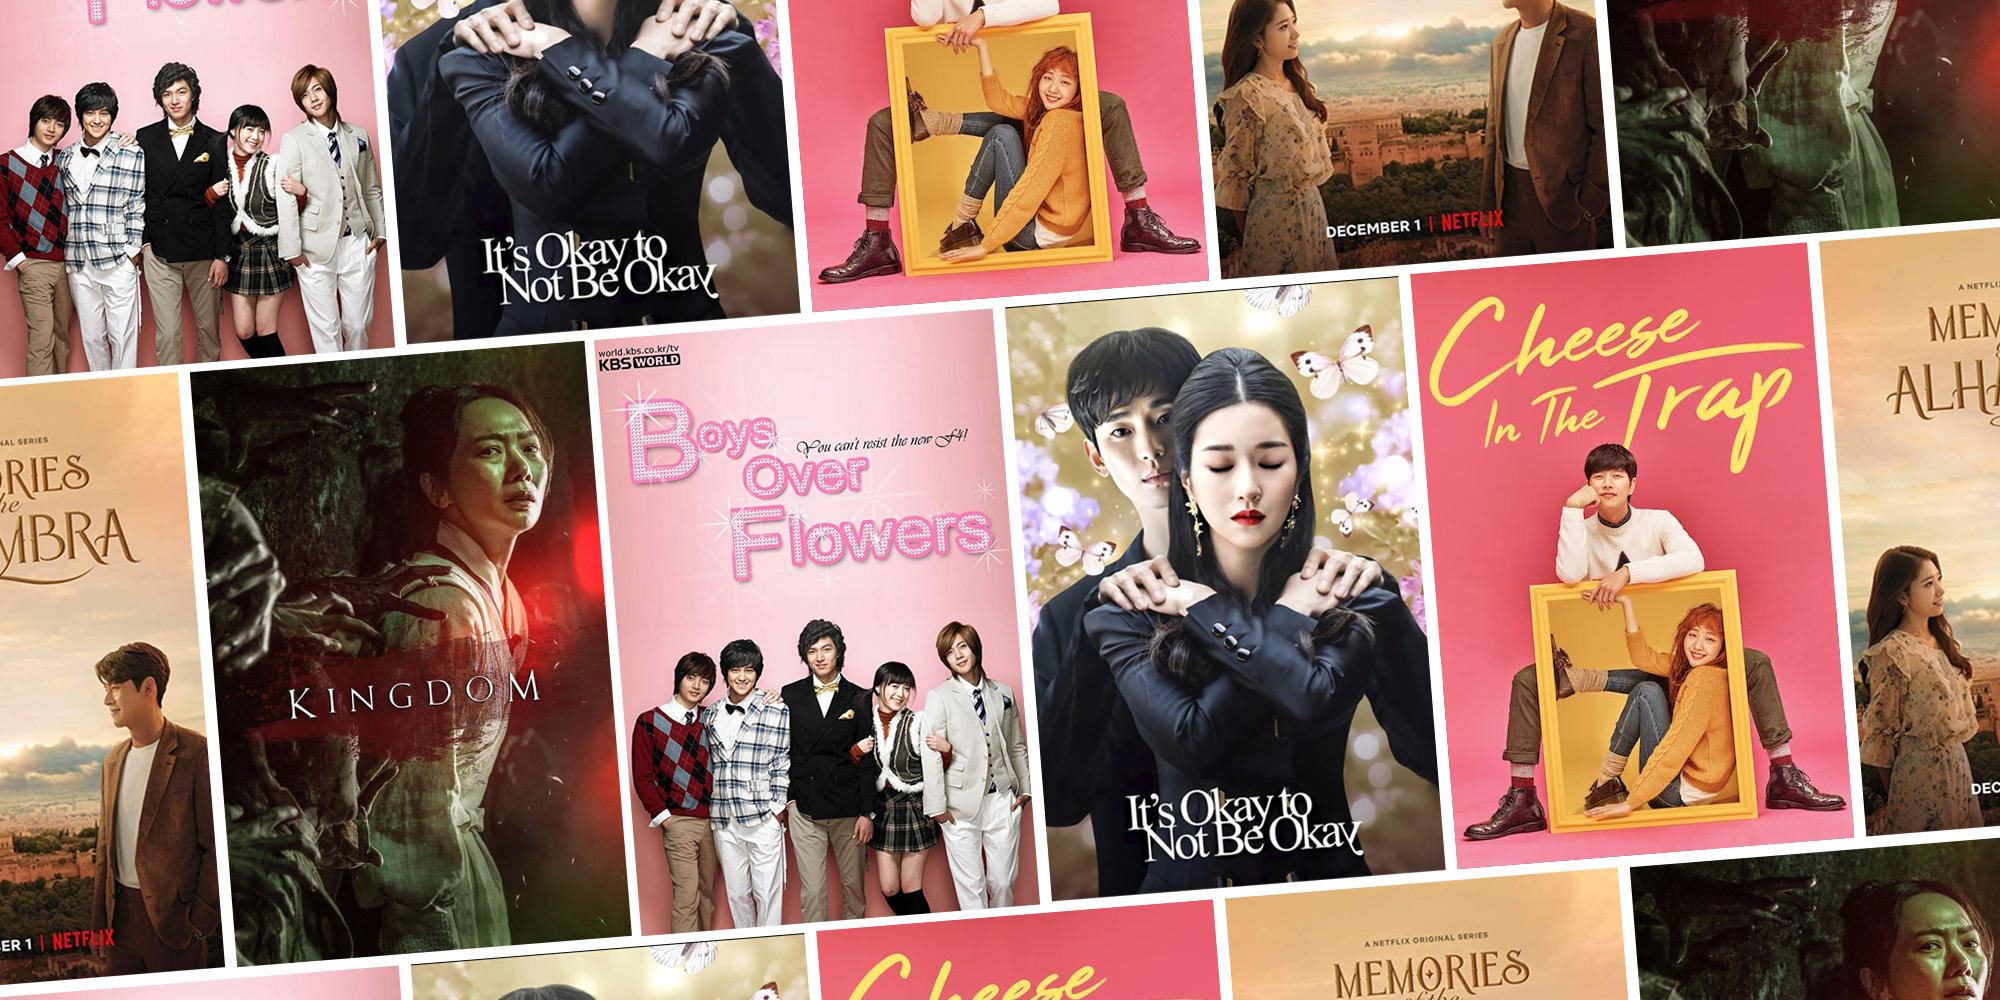 20 Best Korean Drama Series to Watch on Netflix in 20